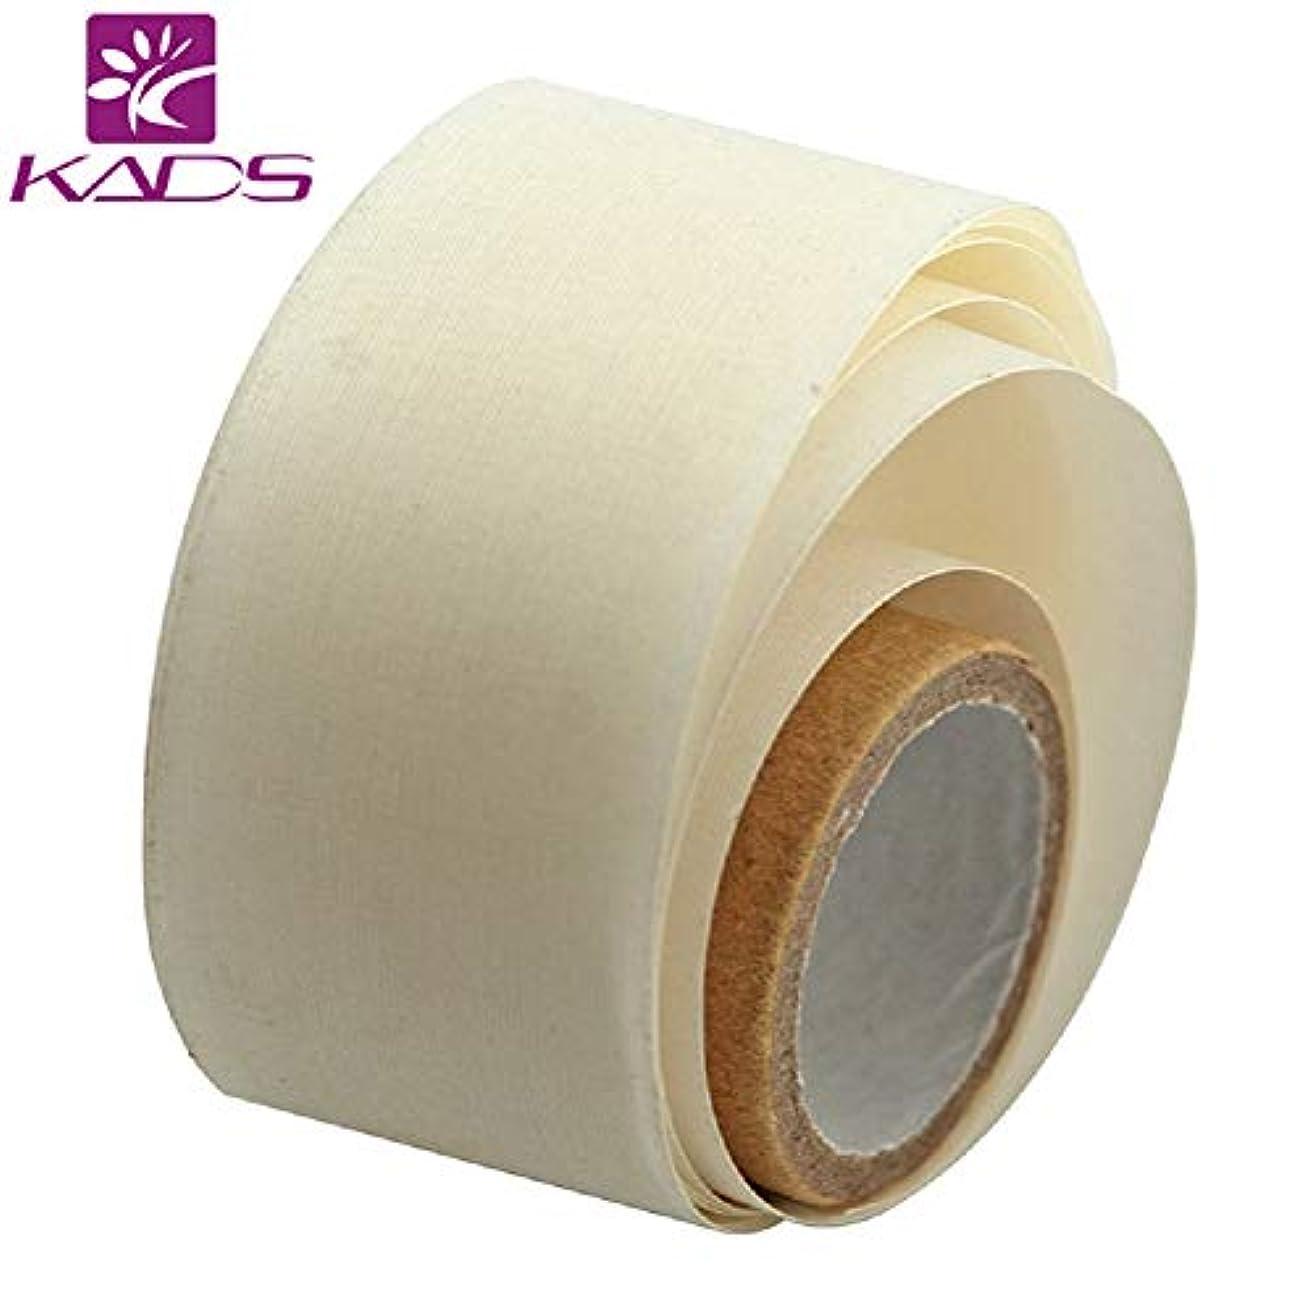 デコラティブジャズ海峡KADS ネイルシルクテープ ネイルリペアテープペラ用 爪の補修 ジェルアクリルネイルアートツール